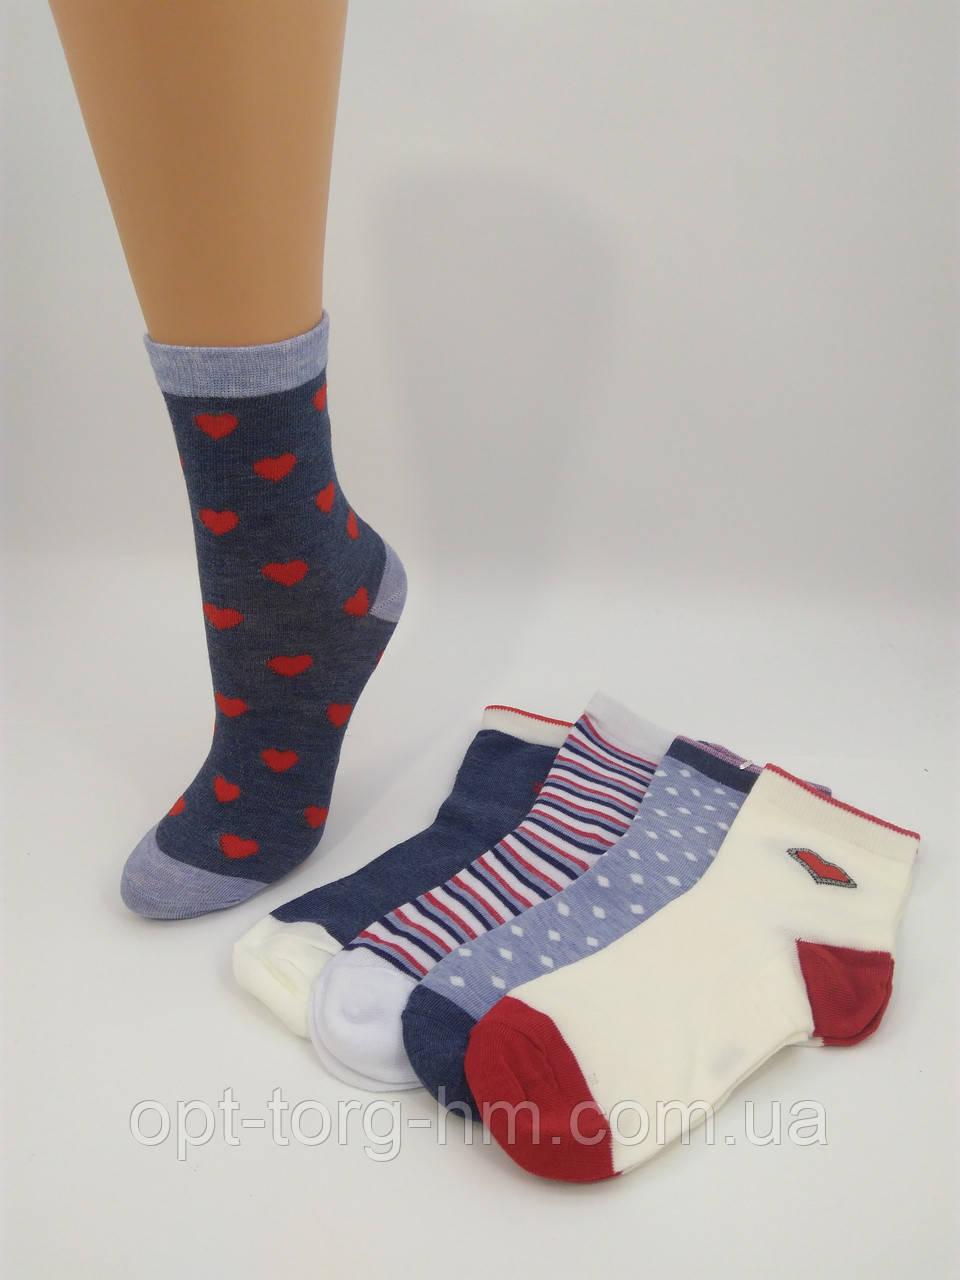 Xintao Подростковые носки 30-32 обувь